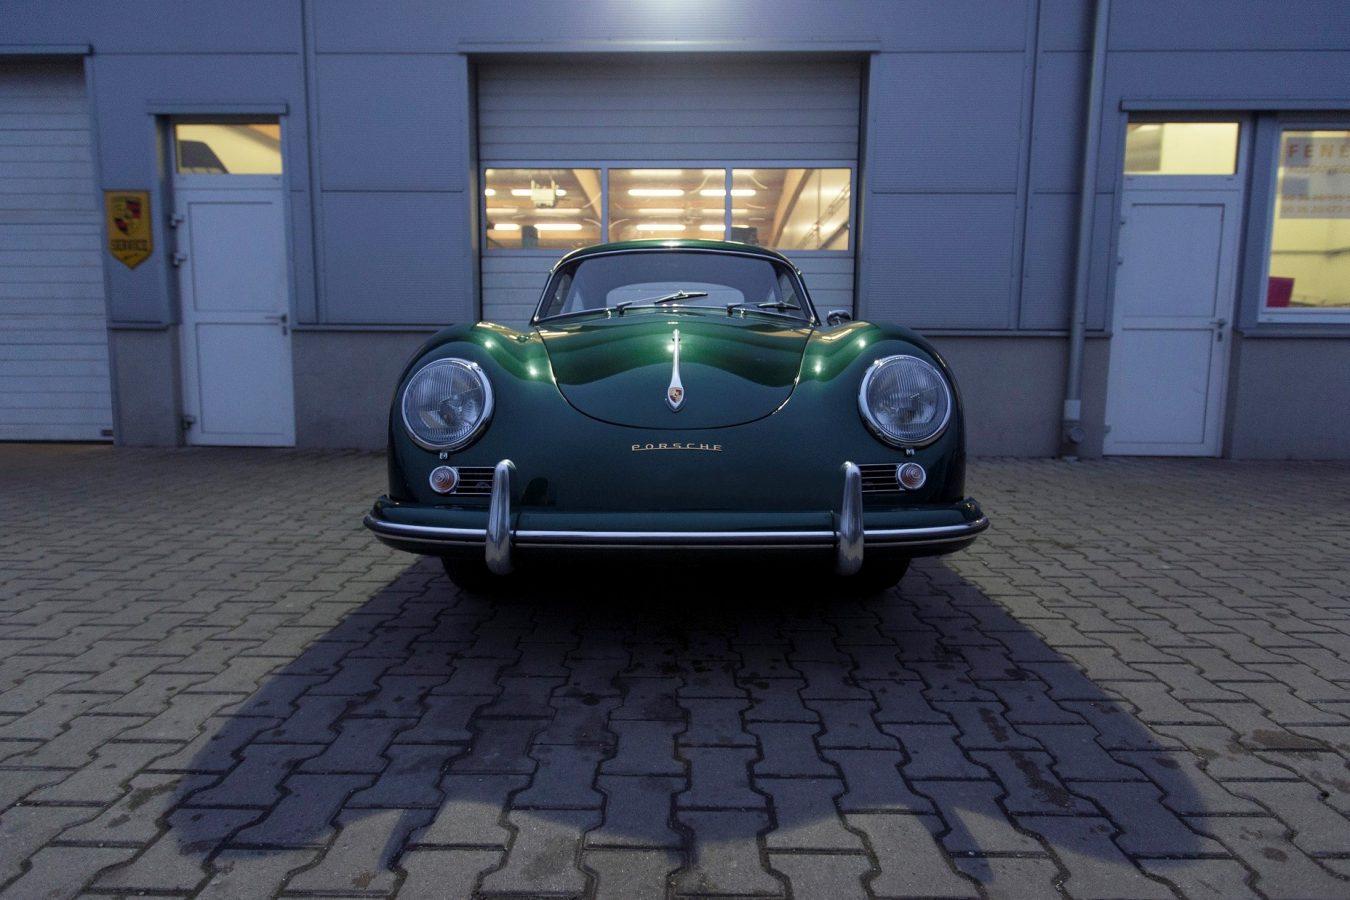 Grüner Porsche 356A von vorne